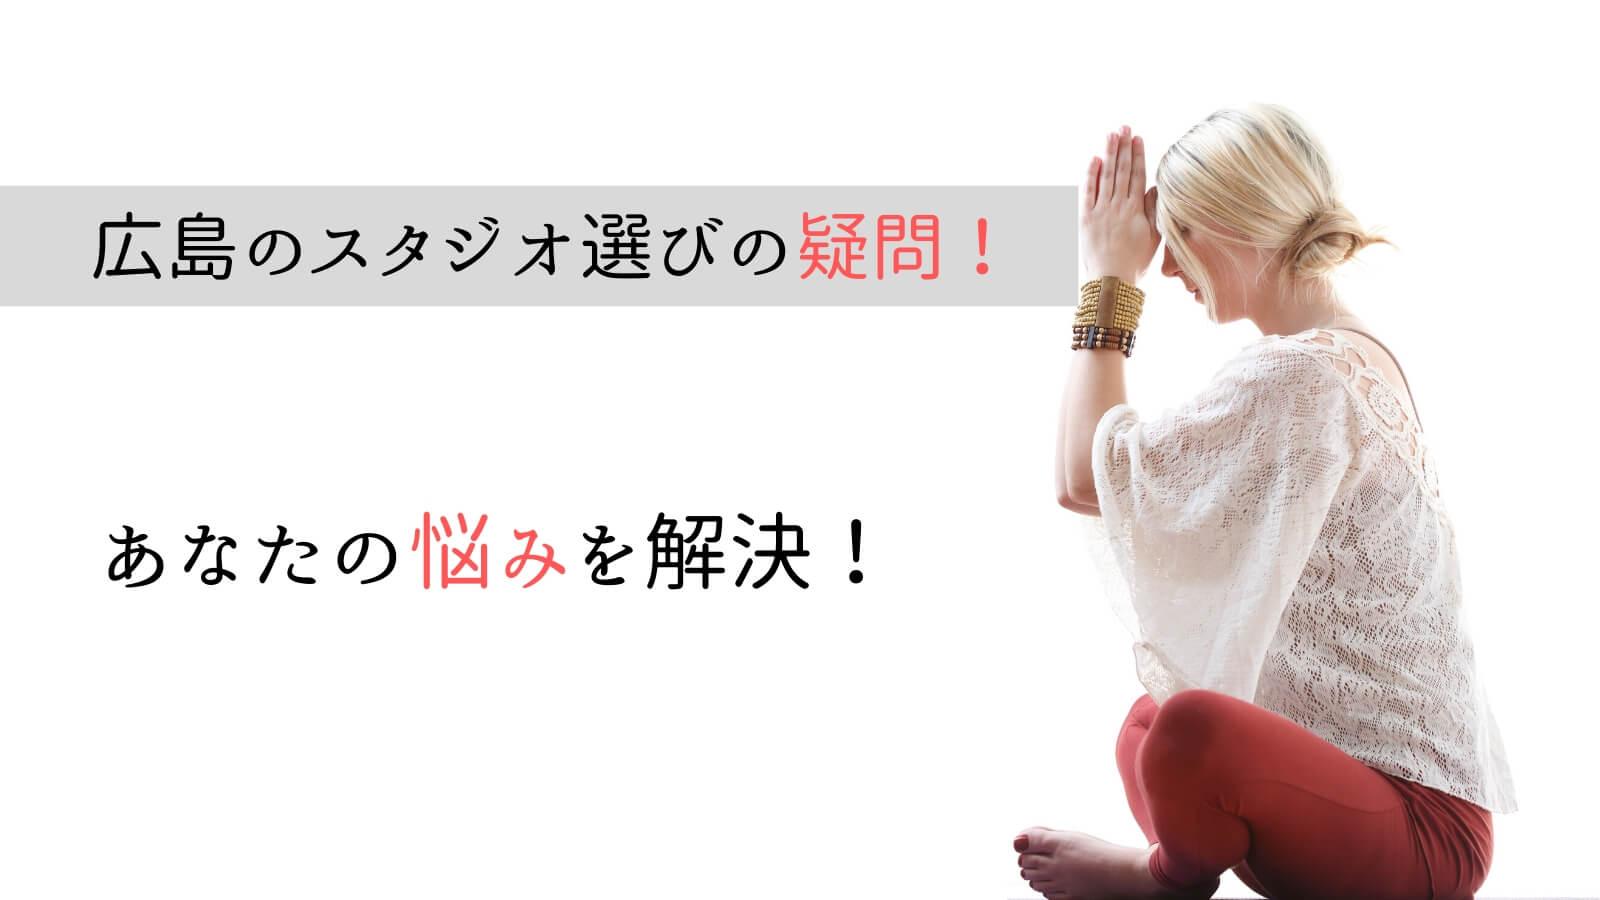 広島のヨガ・ホットヨガスタジオ選びに関するQ&A